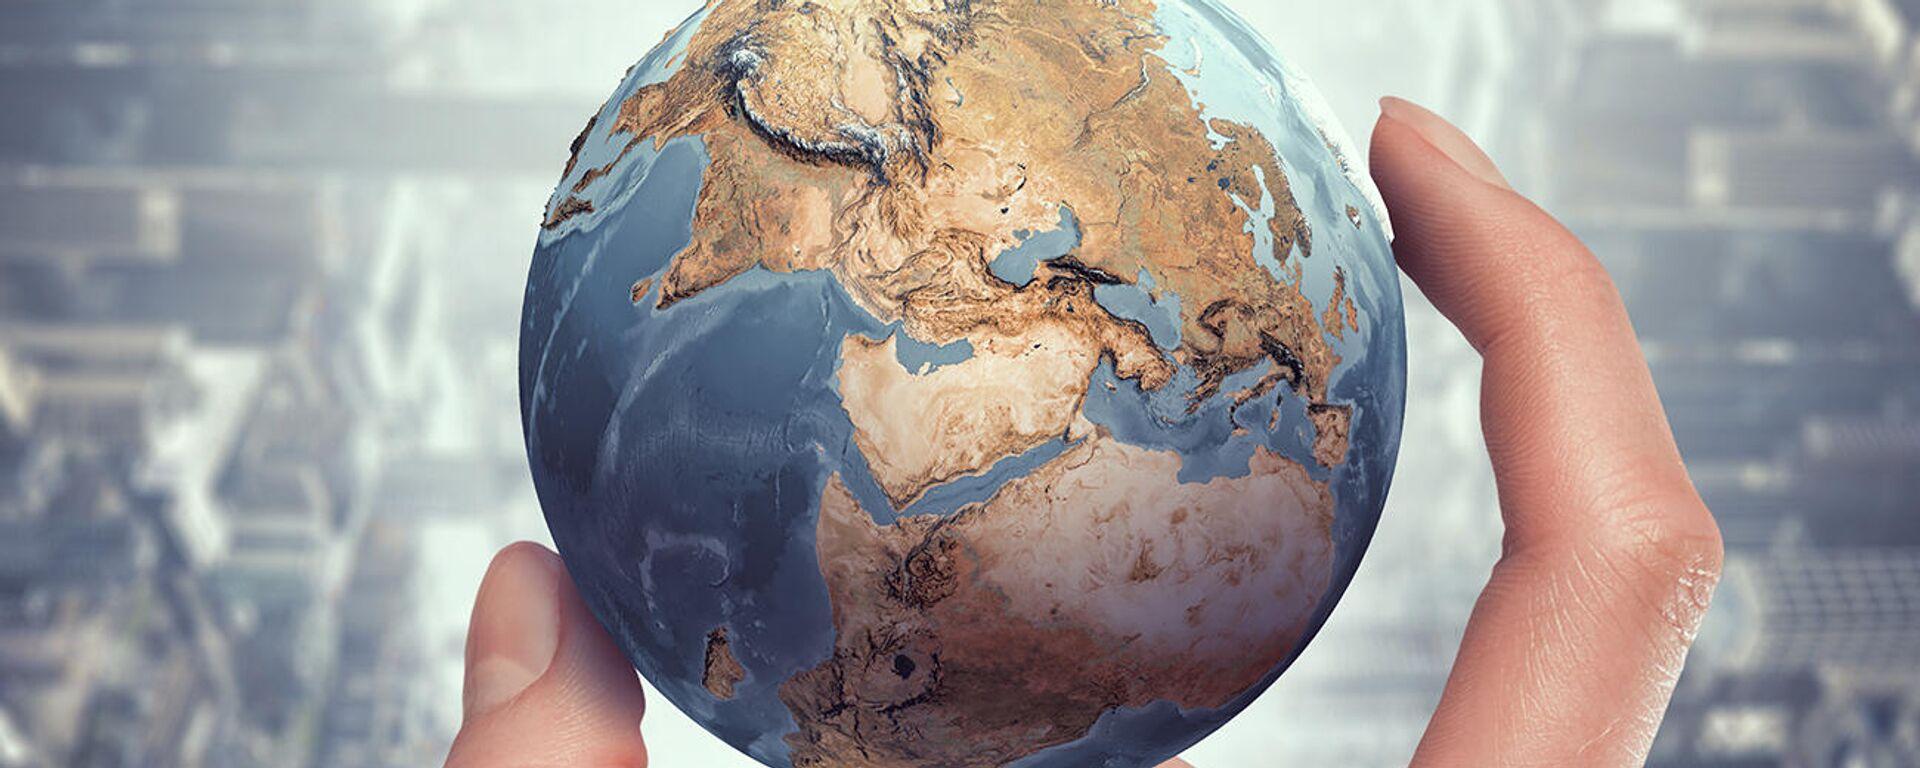 EN ORBITA COVER - Sputnik Mundo, 1920, 09.04.2020